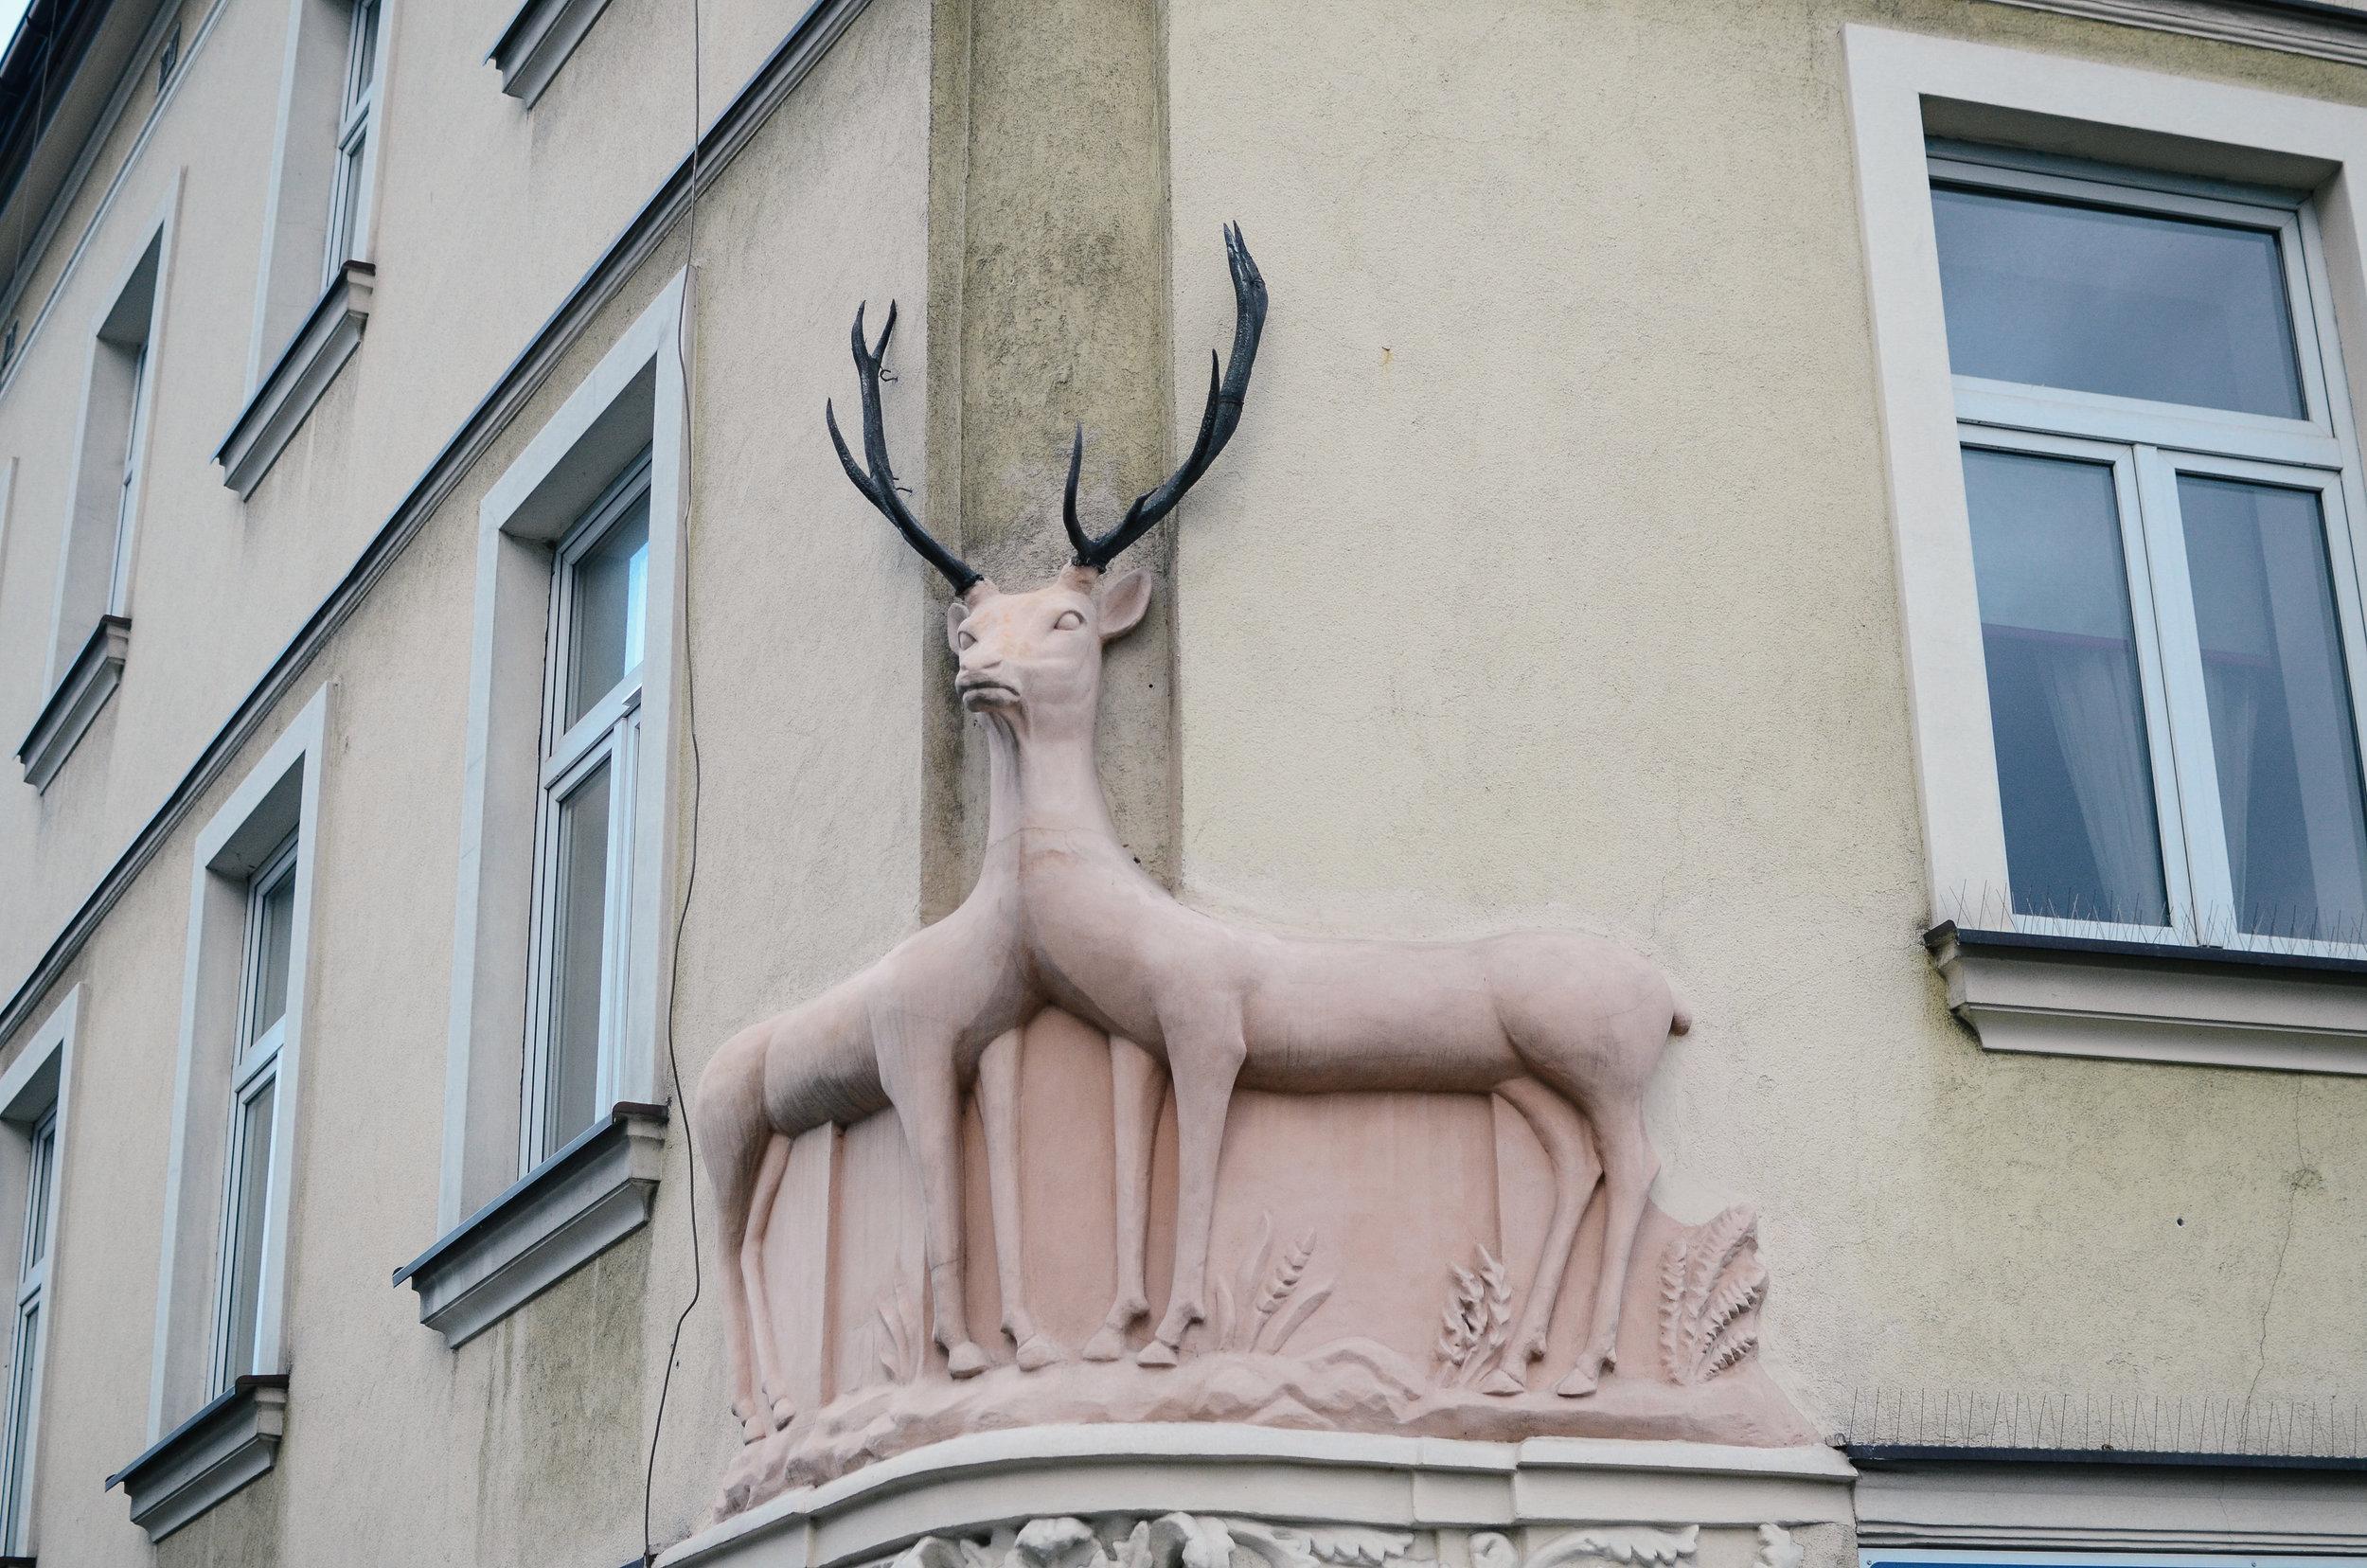 krakow-poland-travel-guide-lifeonpin_DSC_1162.jpg